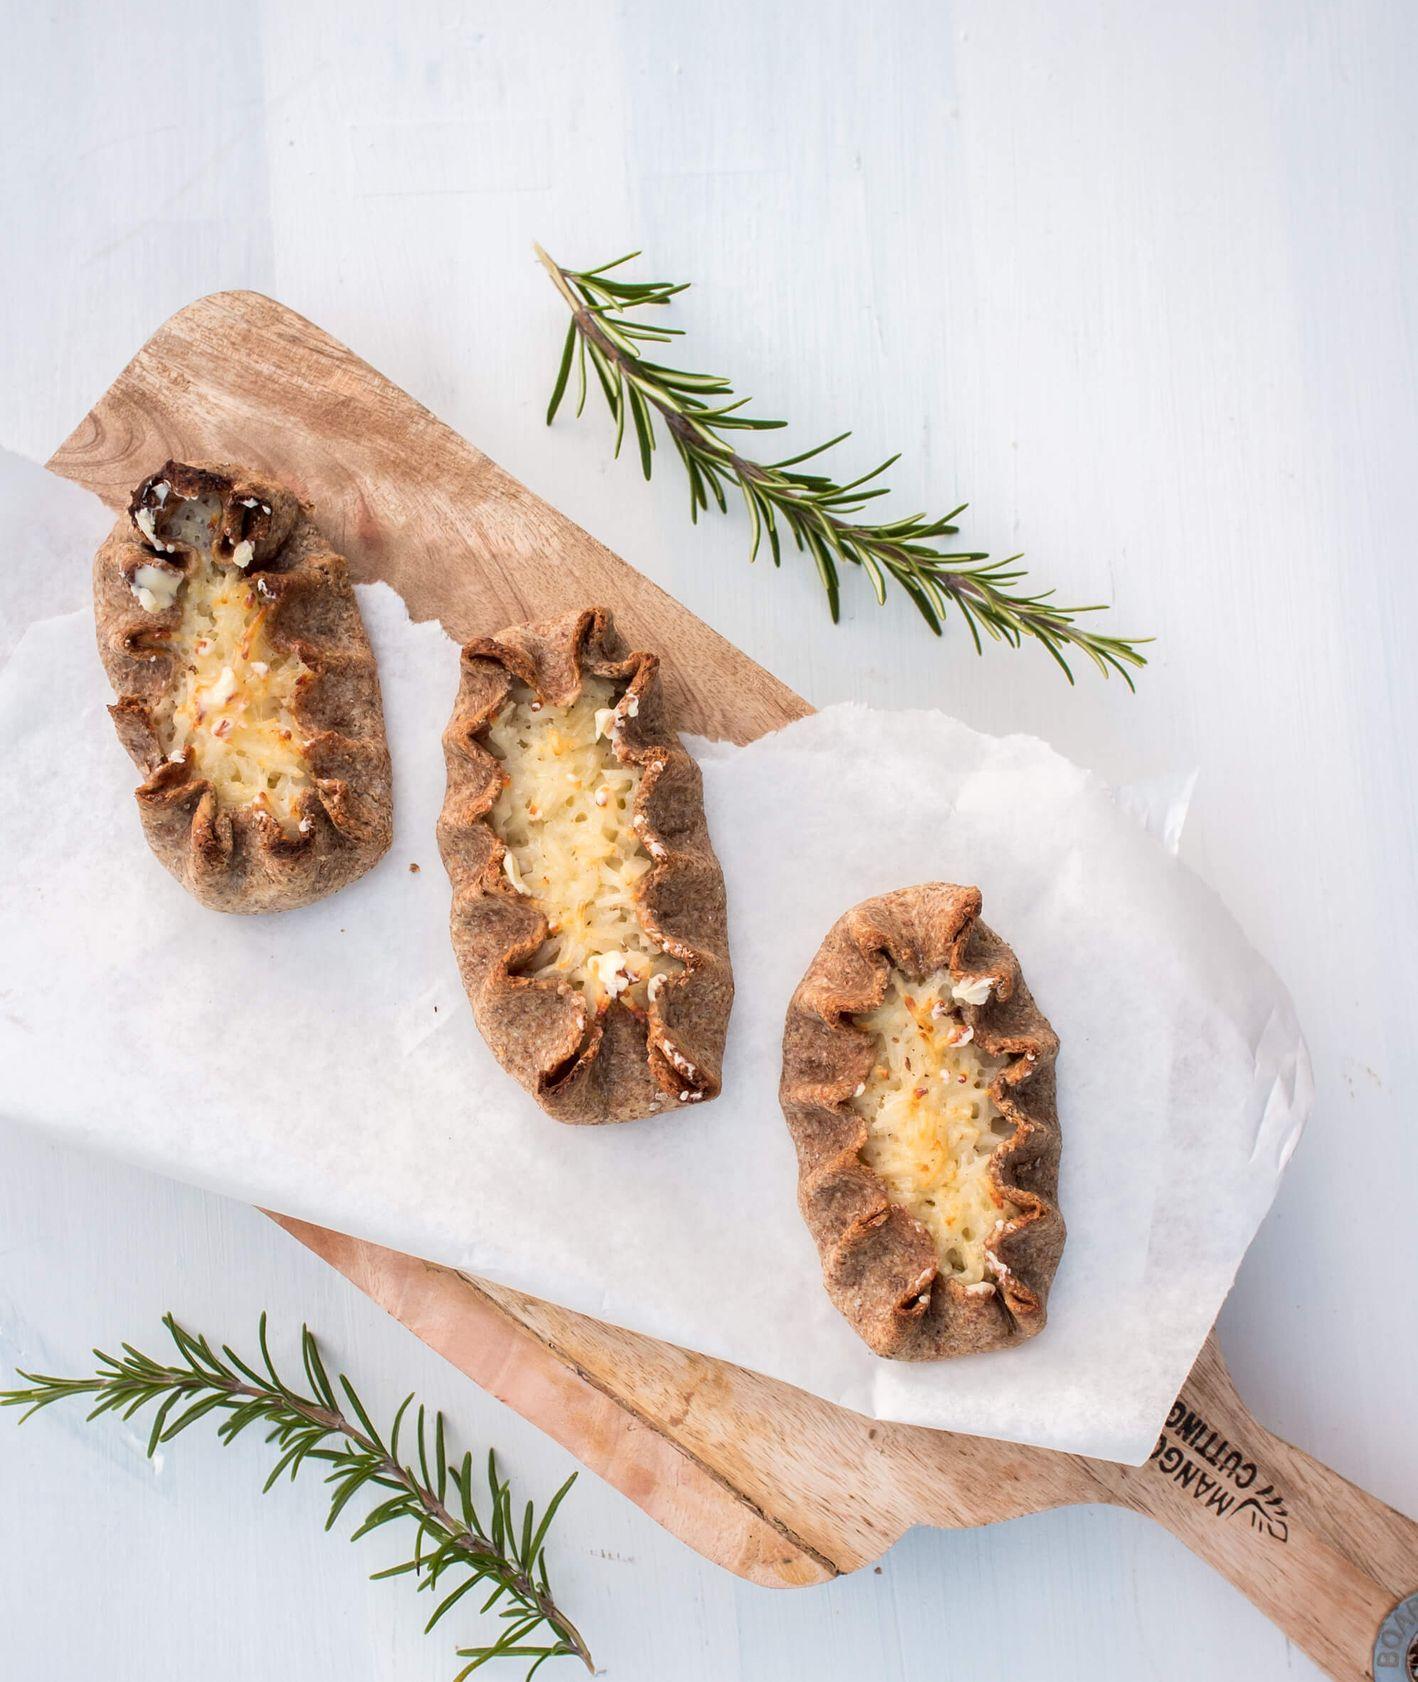 Fińskie pierogi karelskie – Karjalanpiirakka, upieczone w piekarniku, polane roztopionym masłem